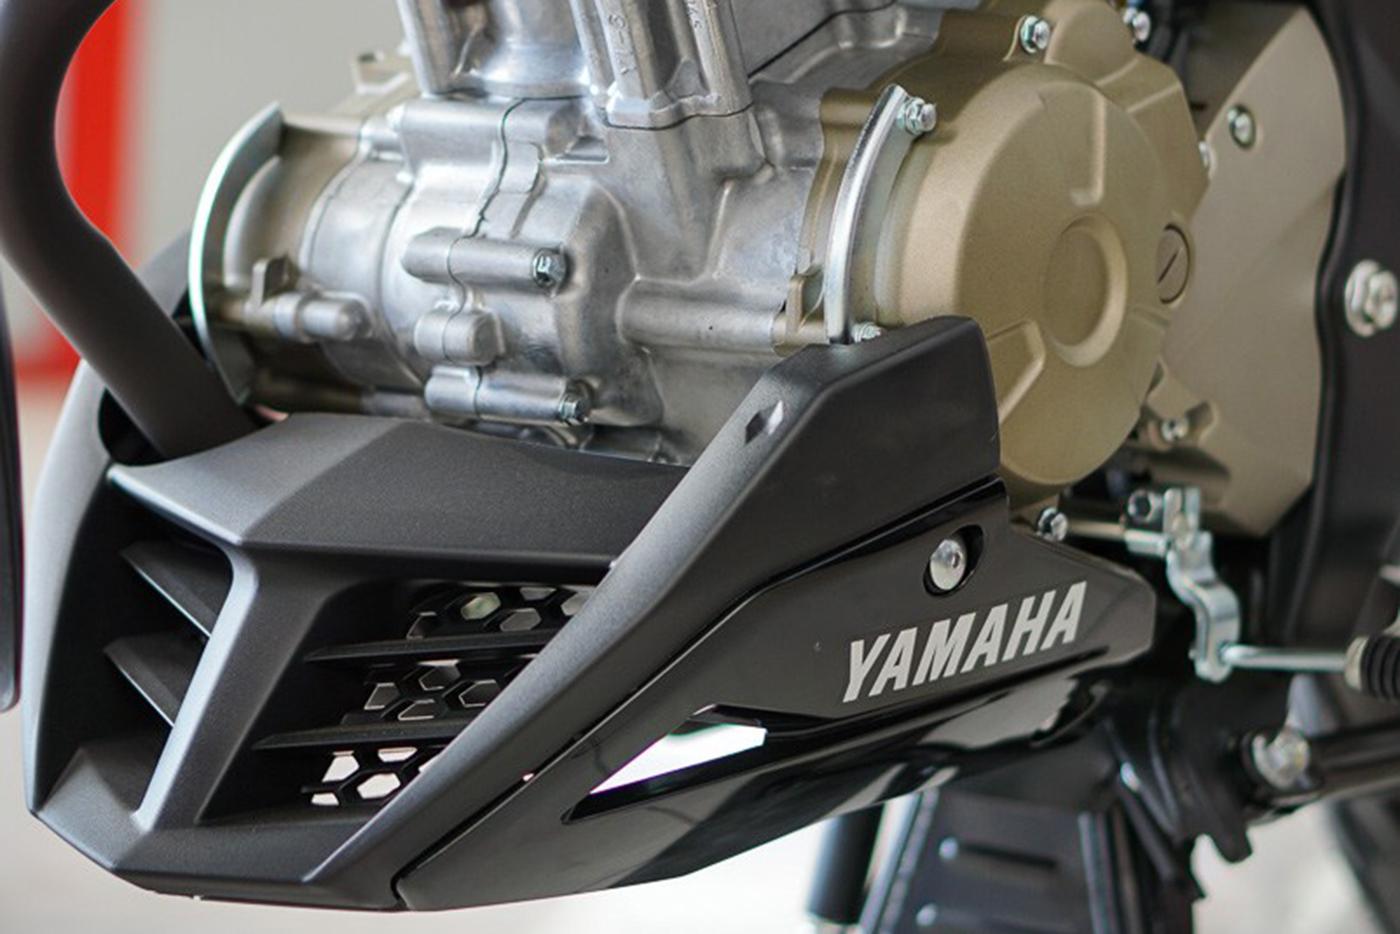 yamaha-vixion-150-2017-5.jpg